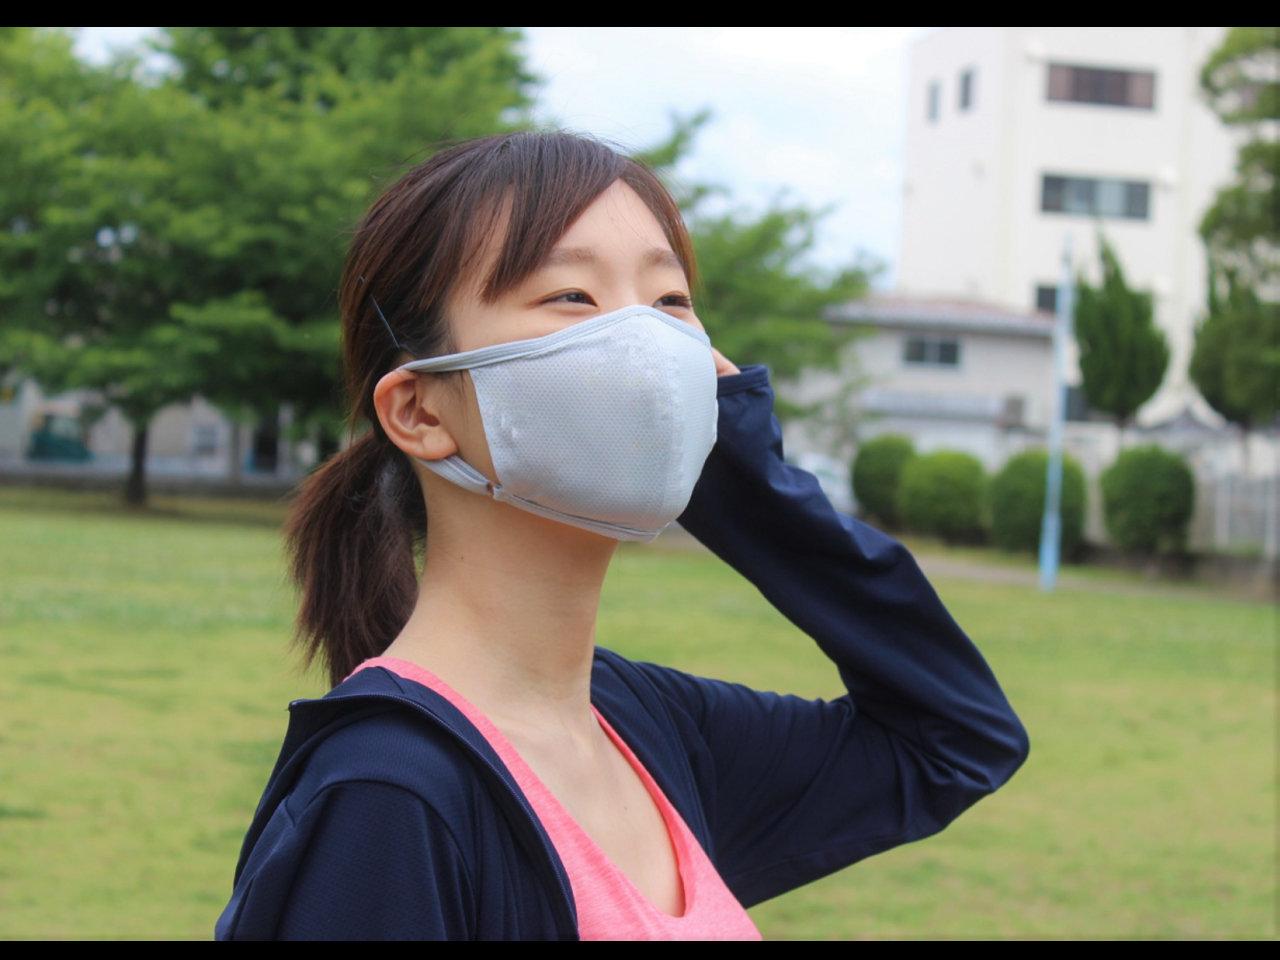 1枚1960円。夏向けメッシュマスク「ecomasさらさらメッシュ夏マスク」一般販売スタート。